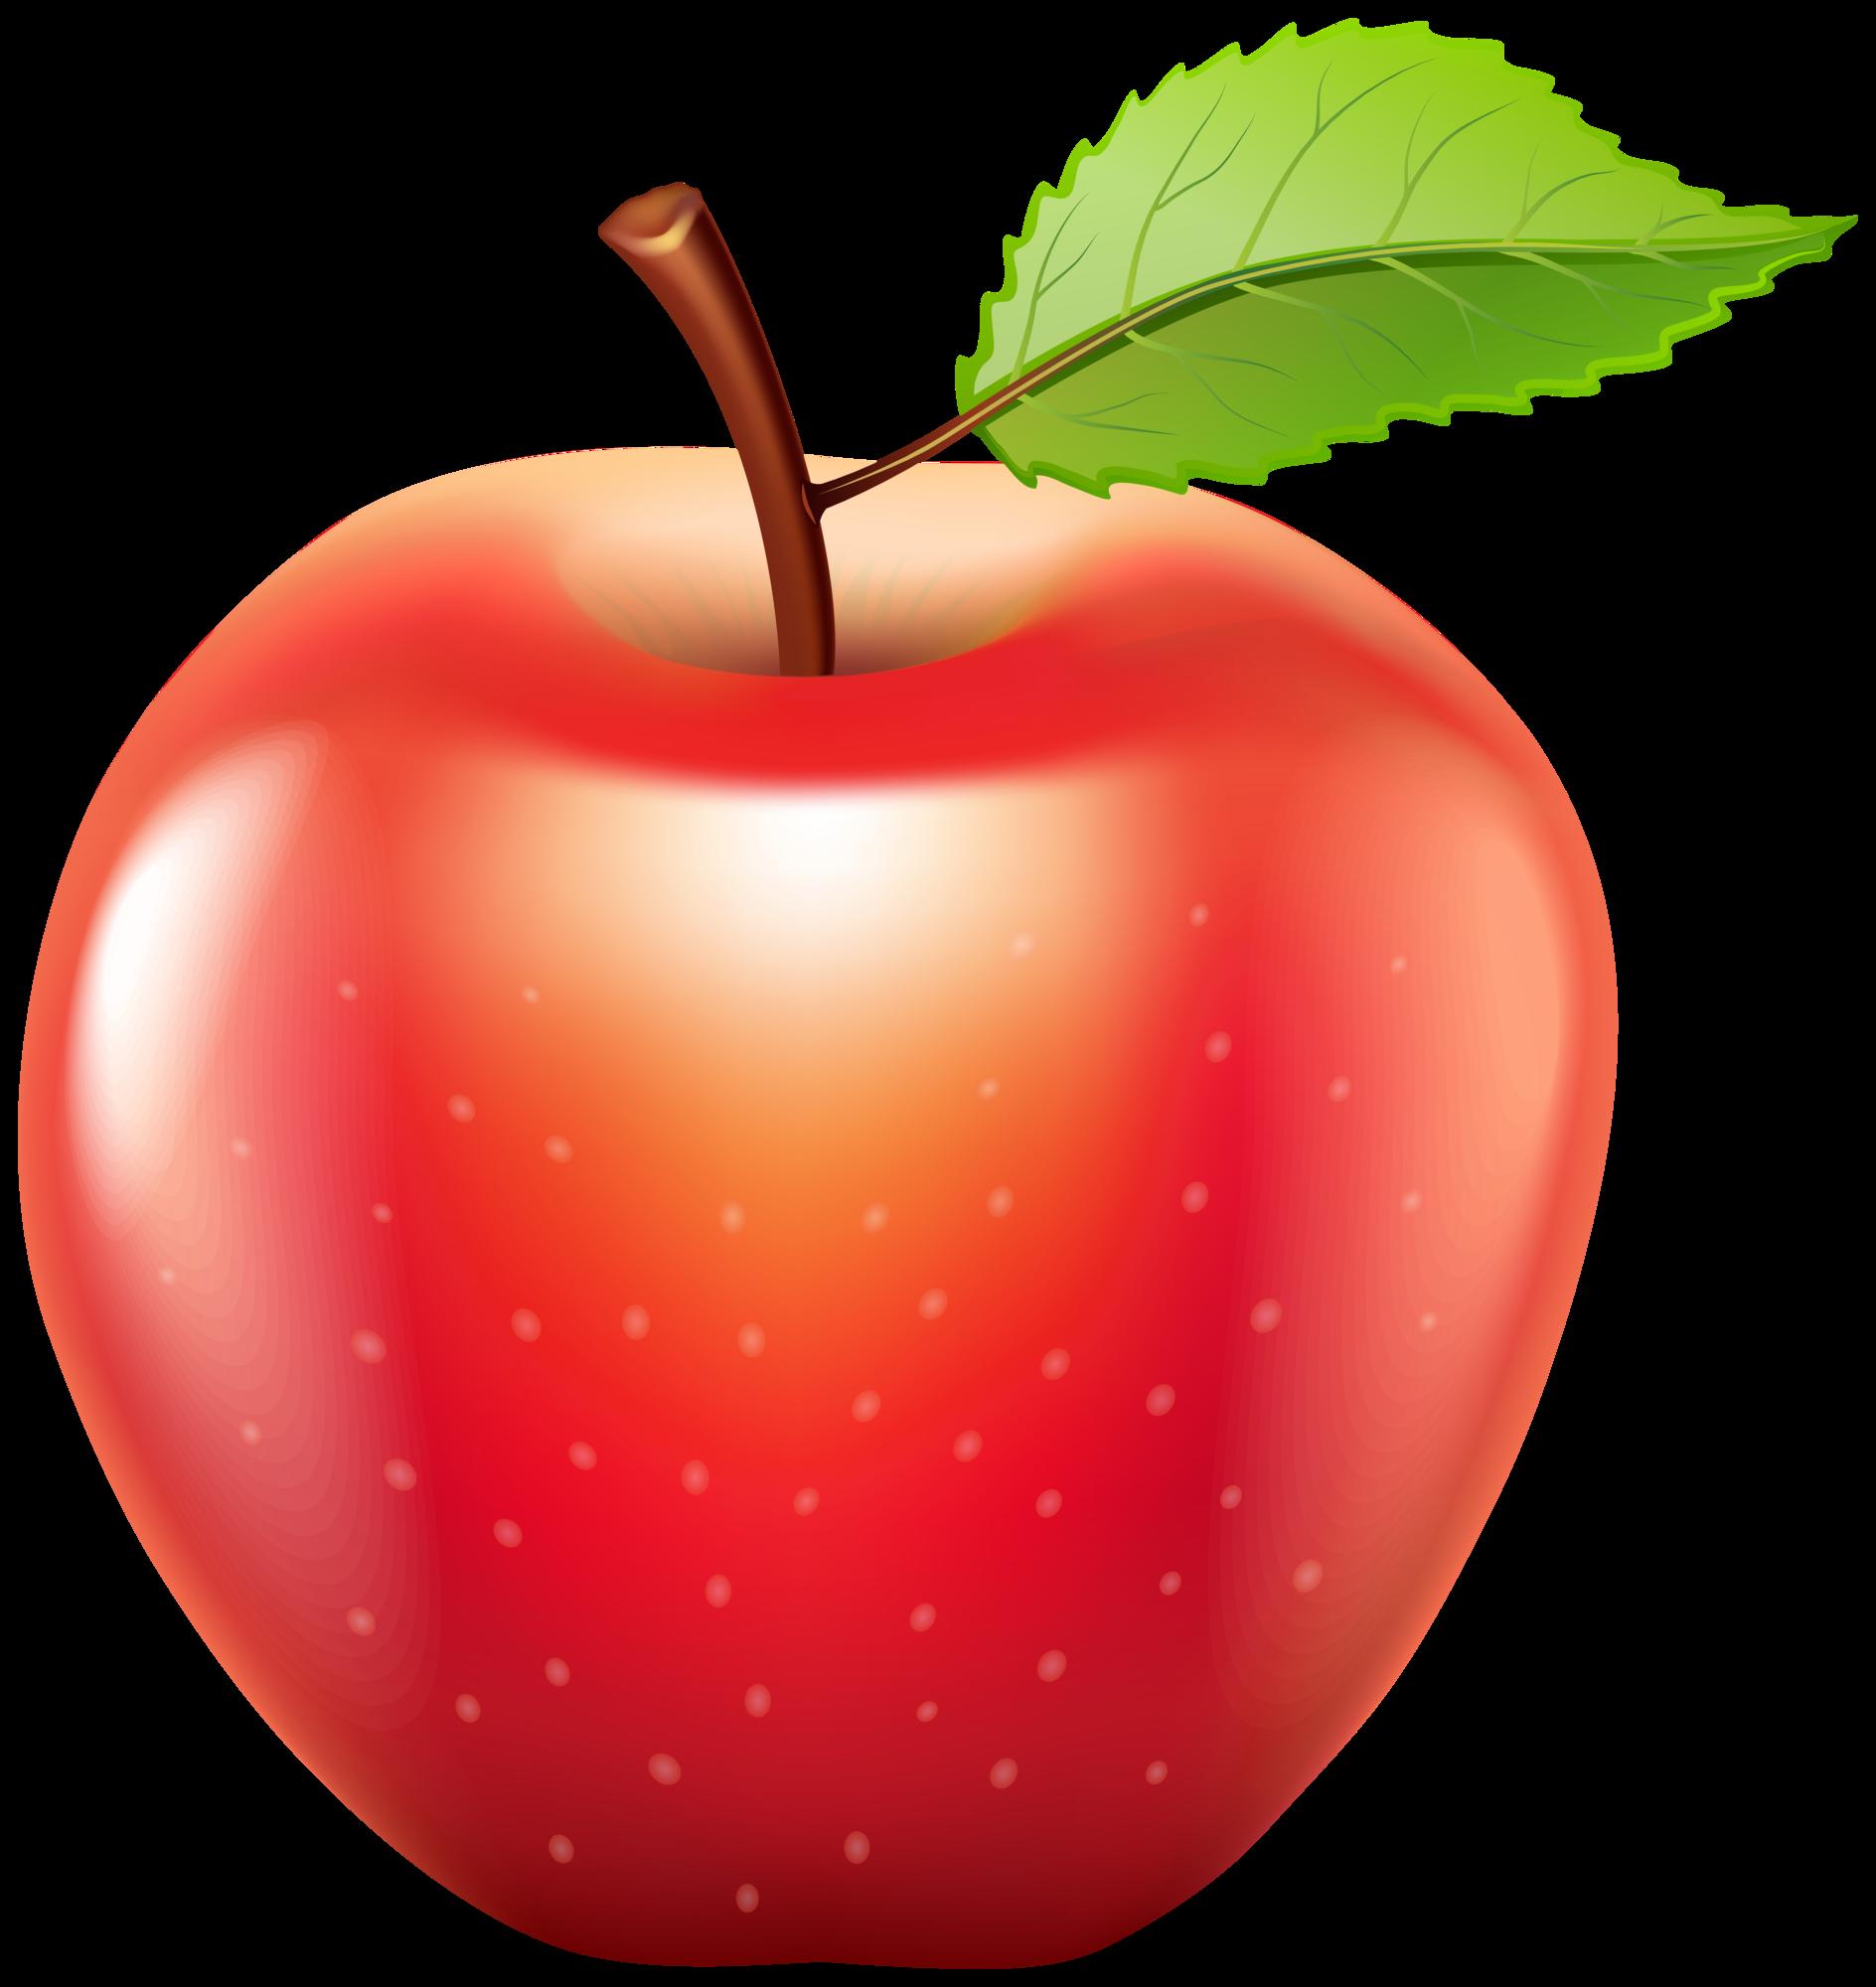 Foods clipart tree. Apple emoji at getdrawings